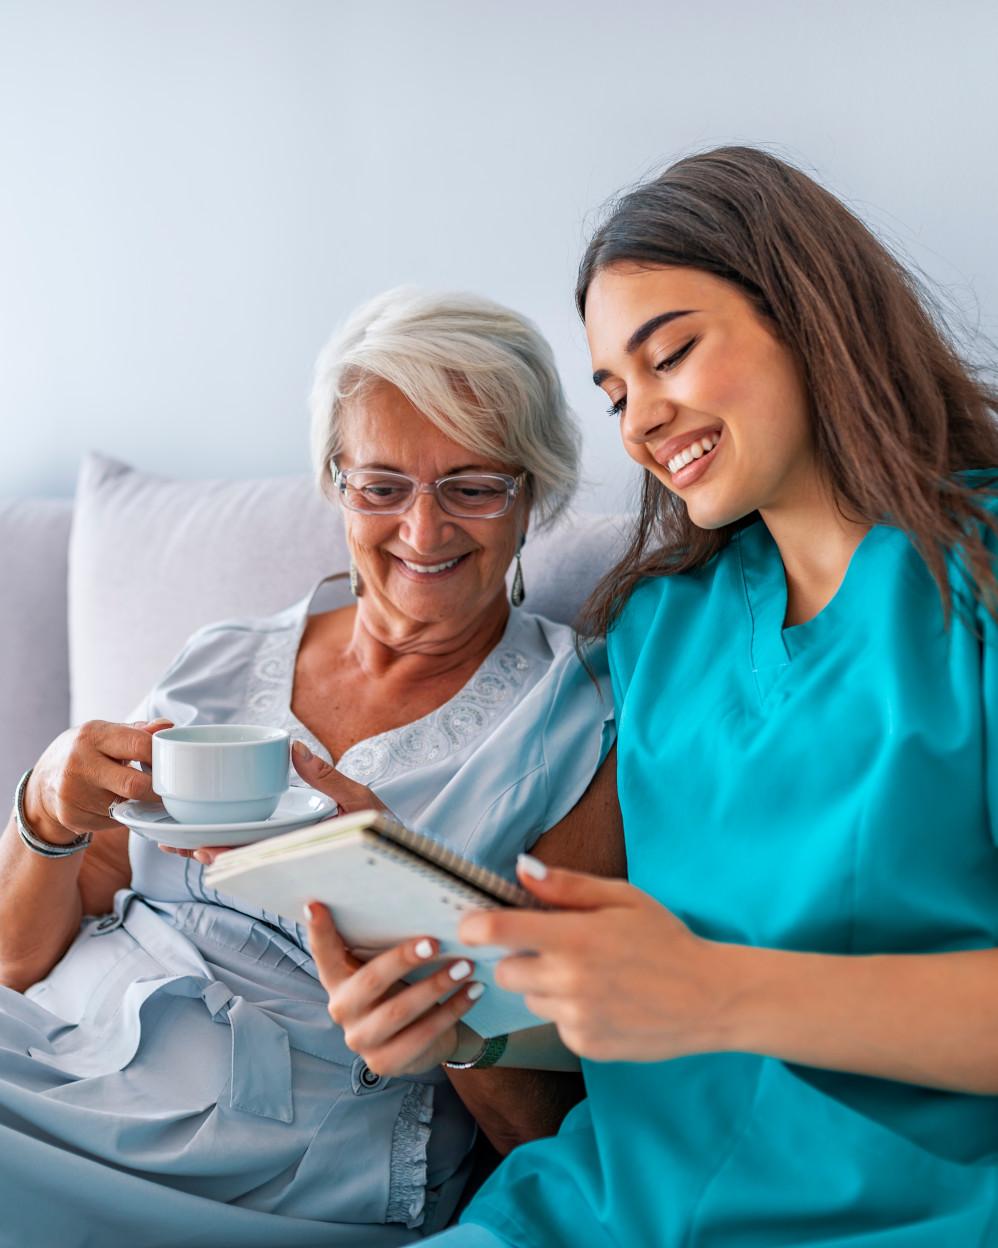 terapia occupazionale con infermiera